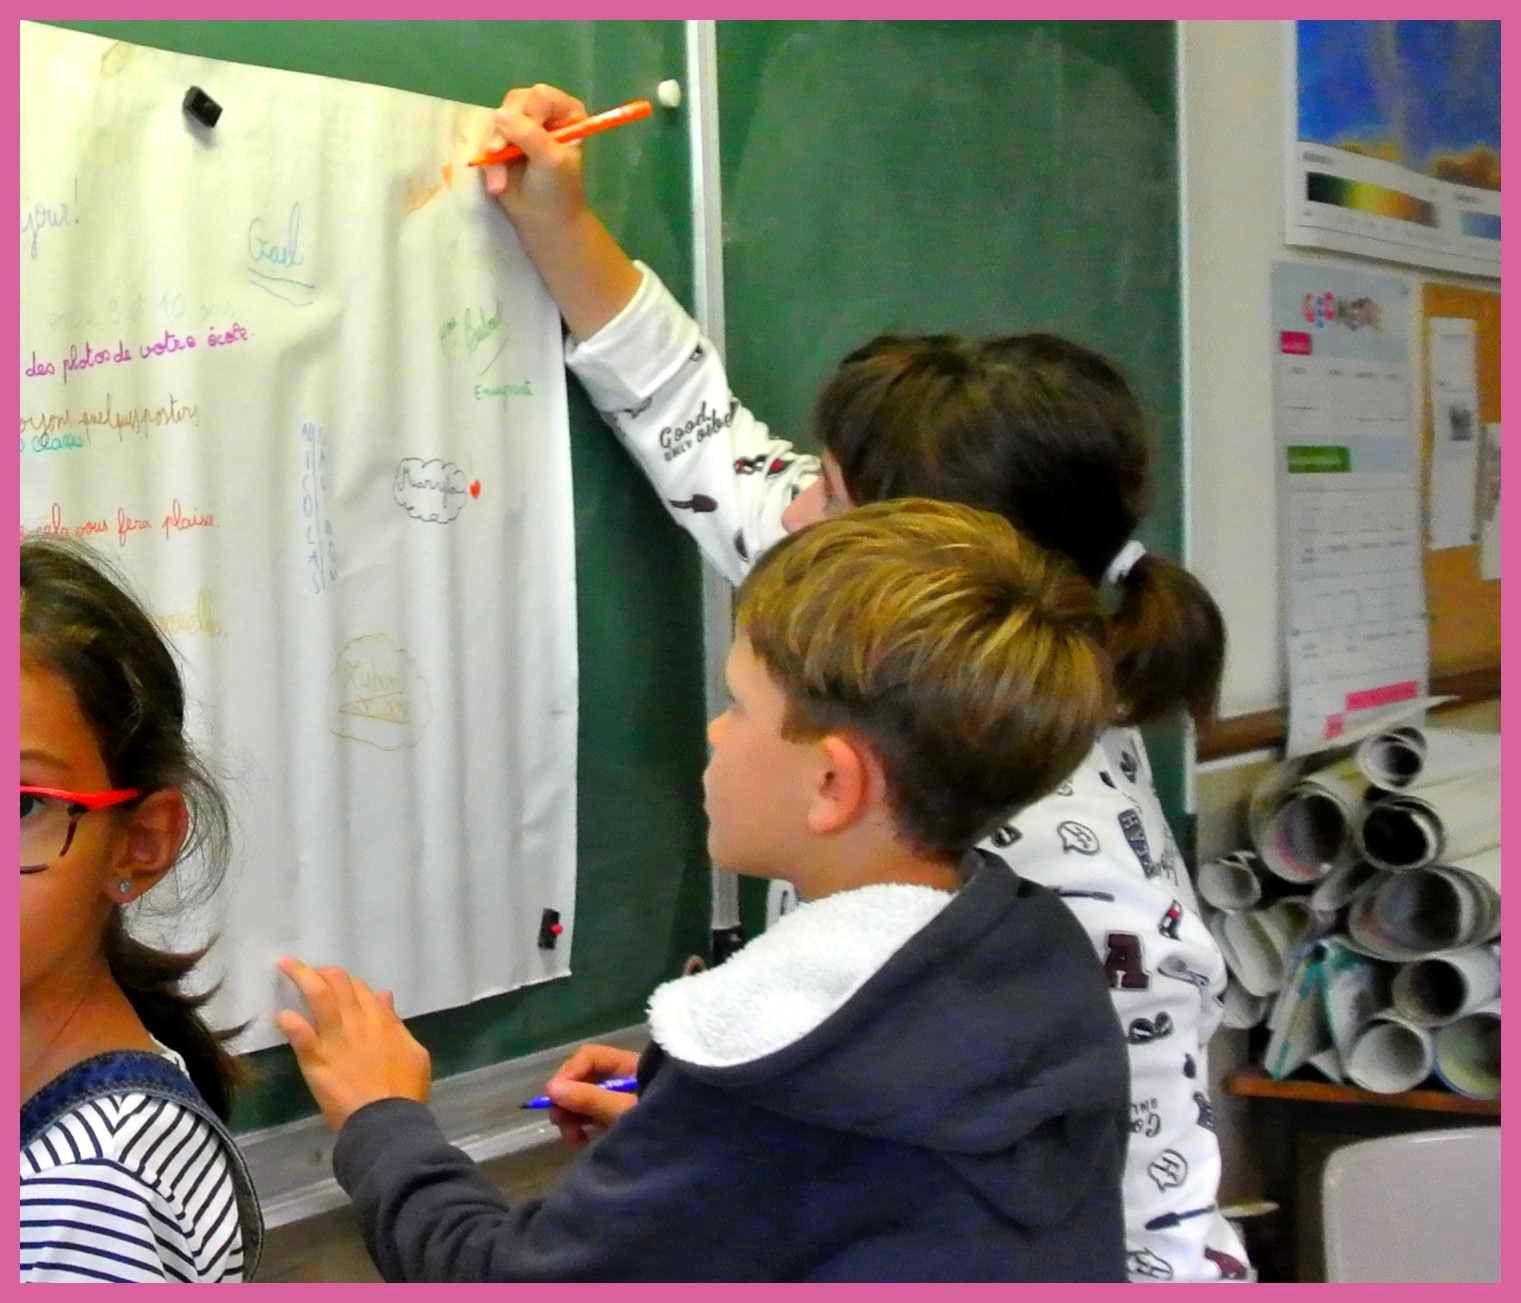 Au dos des posters, les élèves écrivent des messages, et signent de leur prénom .